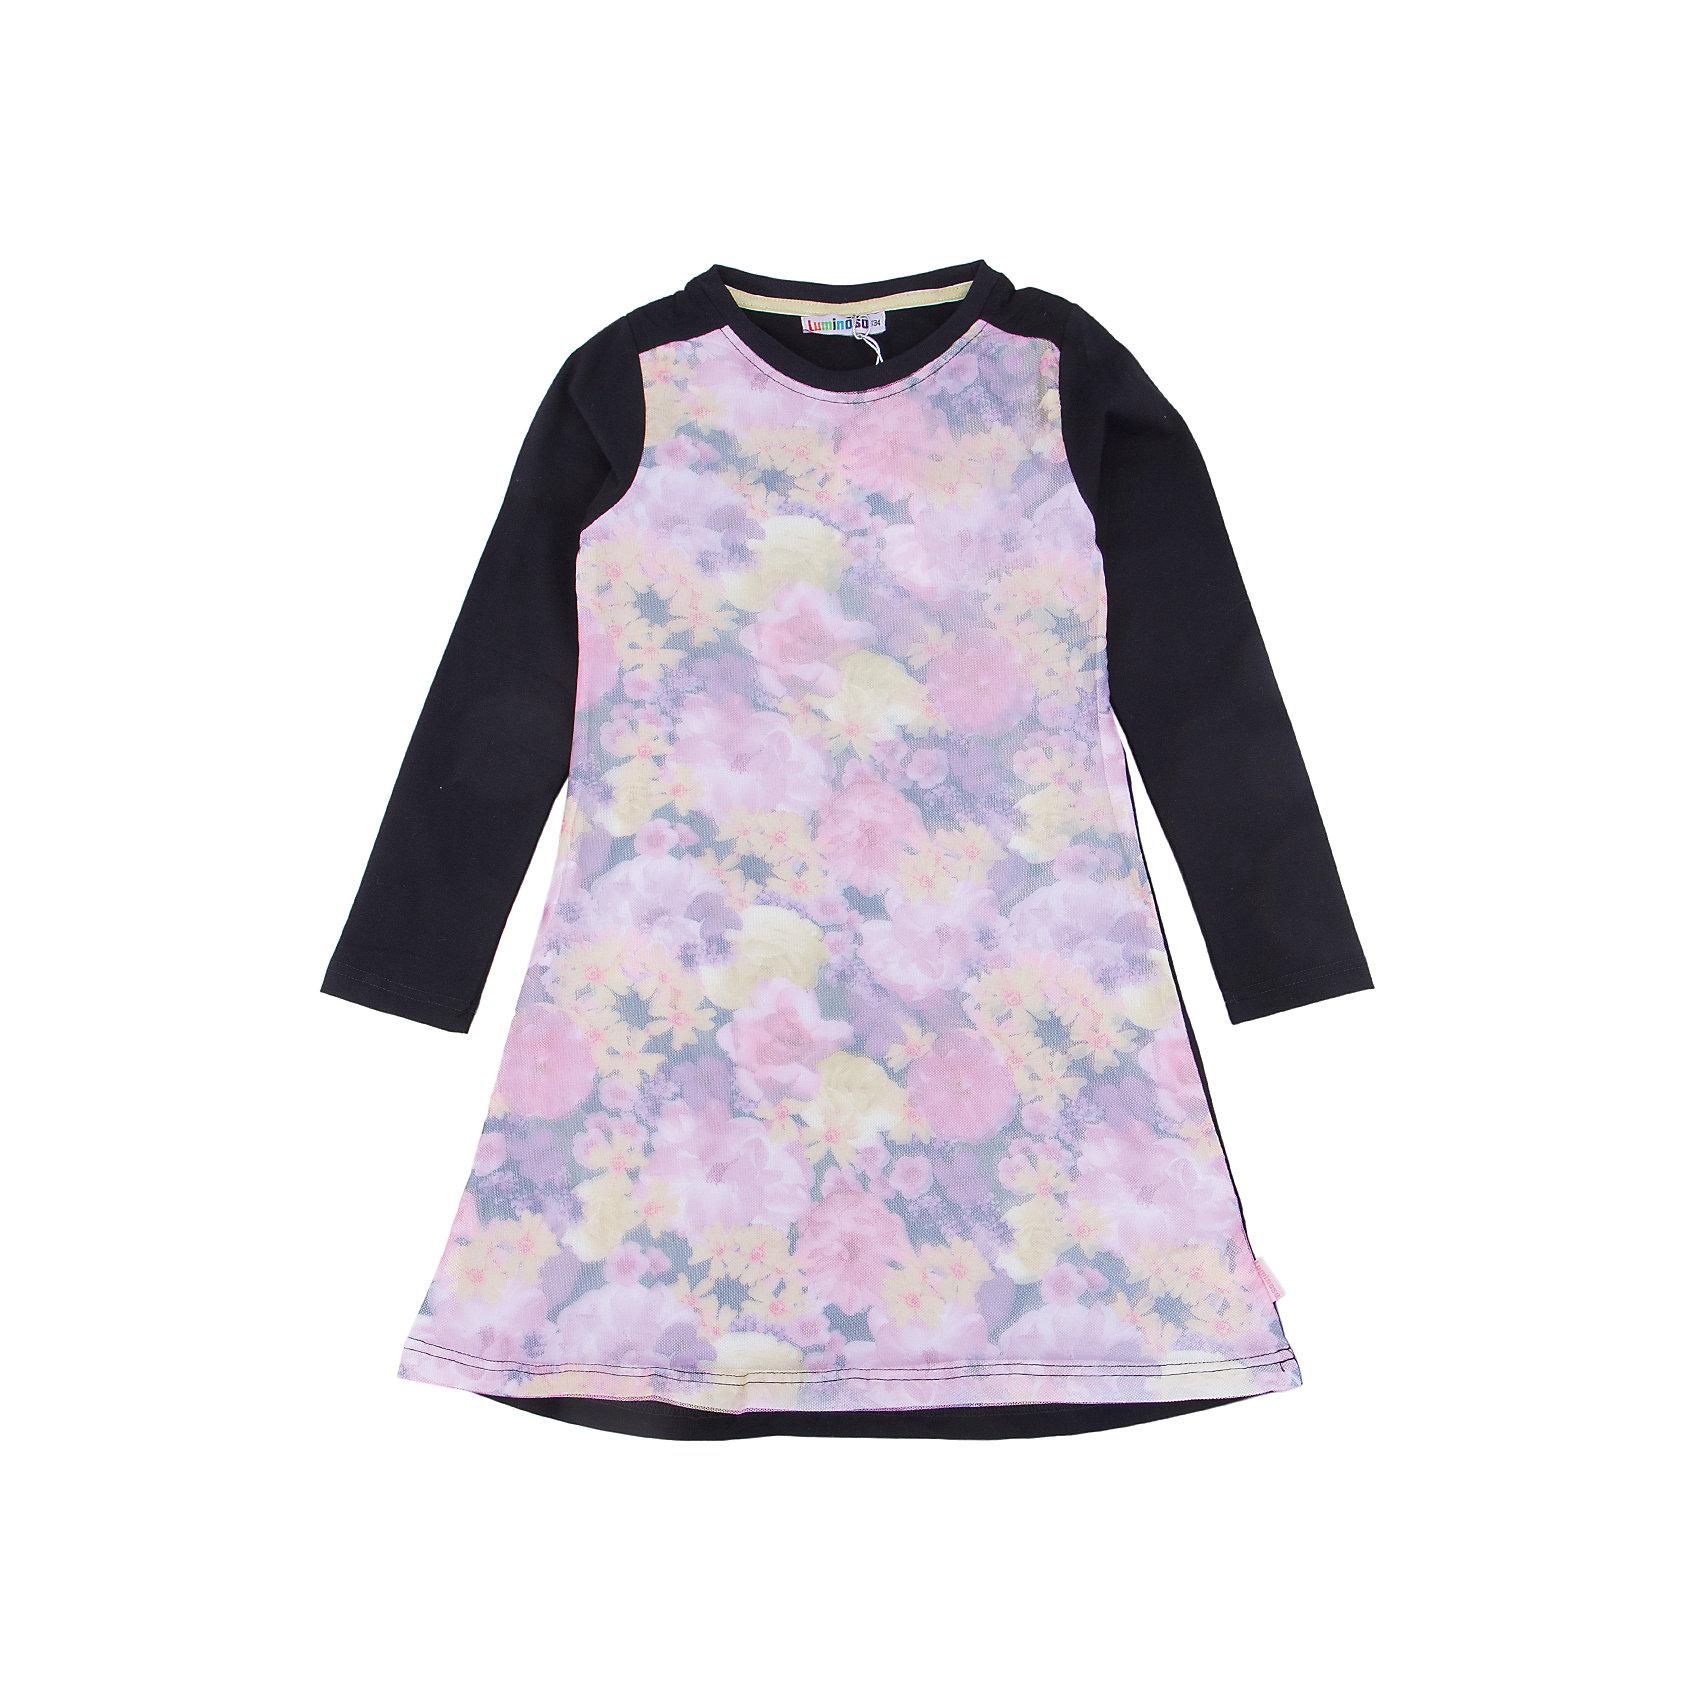 Платье для девочки LuminosoПлатья и сарафаны<br>Характеристики товара:<br><br>- цвет: бежевый;<br>- материал: 95% хлопок, 5% эластан;<br>- декорировано принтом;<br>- длинный рукав;<br>- эффект 3D рисунка.<br><br>Стильная одежда от бренда Luminoso (Люминосо), созданная при участии итальянских дизайнеров, учитывает потребности подростков и последние веяния моды. Она удобная и модная.<br>Это платье с длинным рукавом выглядит стильно и нарядно, но при этом подходит для ежедневного ношения. Оно хорошо сидит на ребенке, обеспечивает комфорт и отлично сочетается с одежной разных стилей. Модель отличается высоким качеством материала и продуманным дизайном. Натуральный хлопок в составе изделия делает его дышащим, приятным на ощупь и гипоаллергеным.<br><br>Платье для девочки от бренда Luminoso (Люминосо) можно купить в нашем интернет-магазине.<br><br>Ширина мм: 236<br>Глубина мм: 16<br>Высота мм: 184<br>Вес г: 177<br>Цвет: розовый<br>Возраст от месяцев: 156<br>Возраст до месяцев: 168<br>Пол: Женский<br>Возраст: Детский<br>Размер: 164,134,140,146,152,158<br>SKU: 4929633